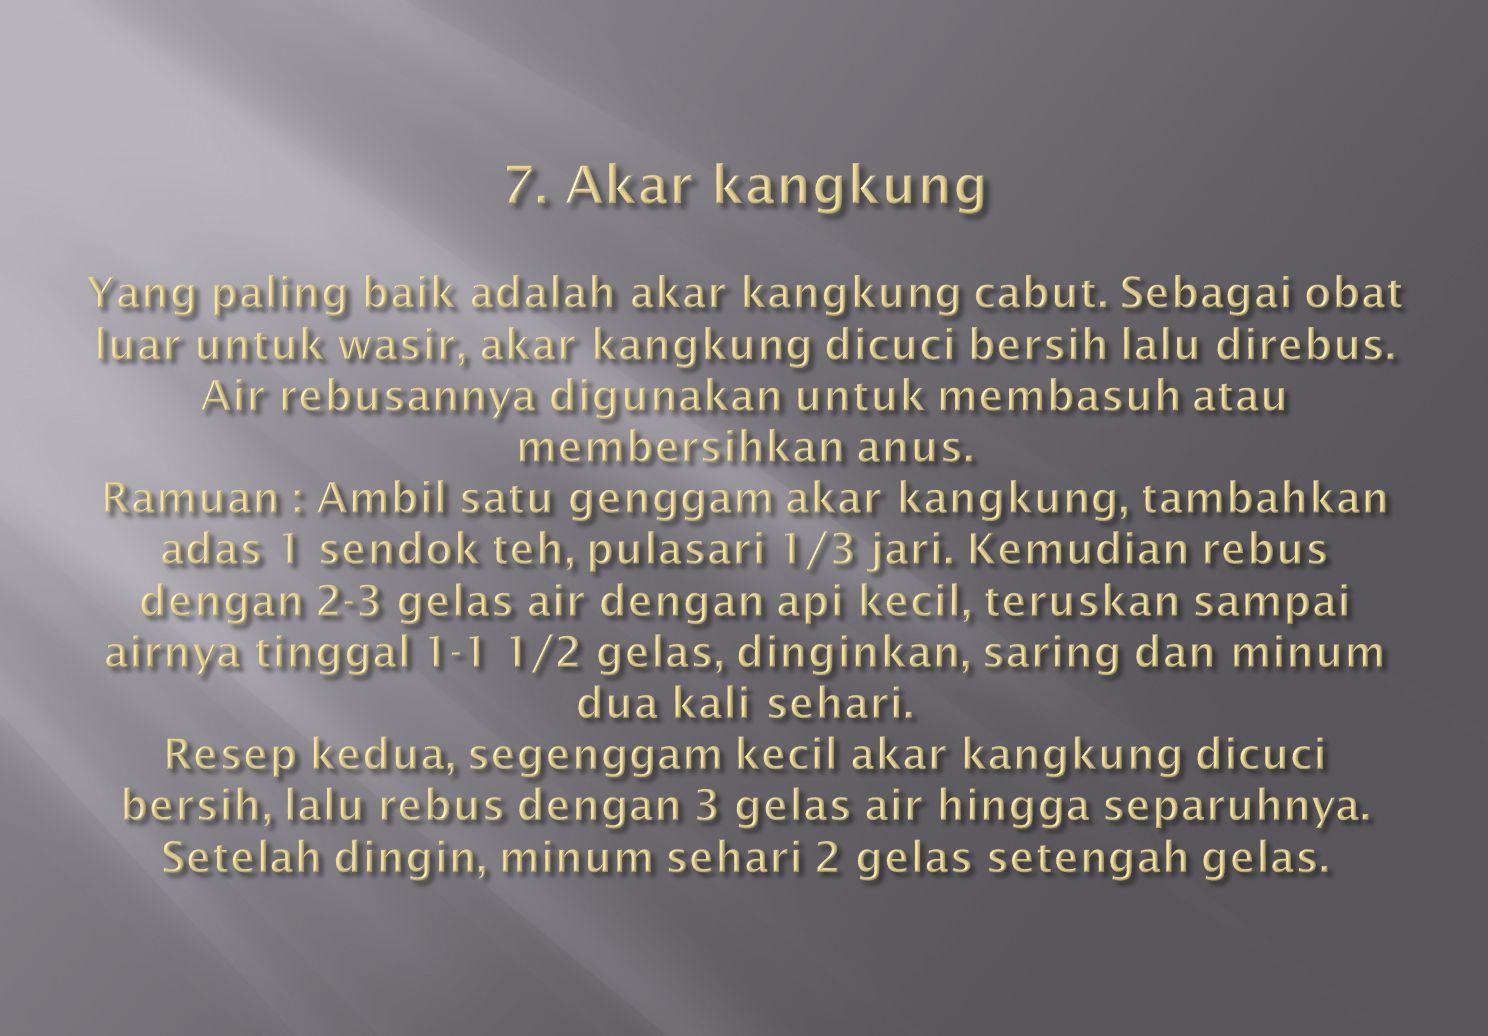 7. Akar kangkung Yang paling baik adalah akar kangkung cabut